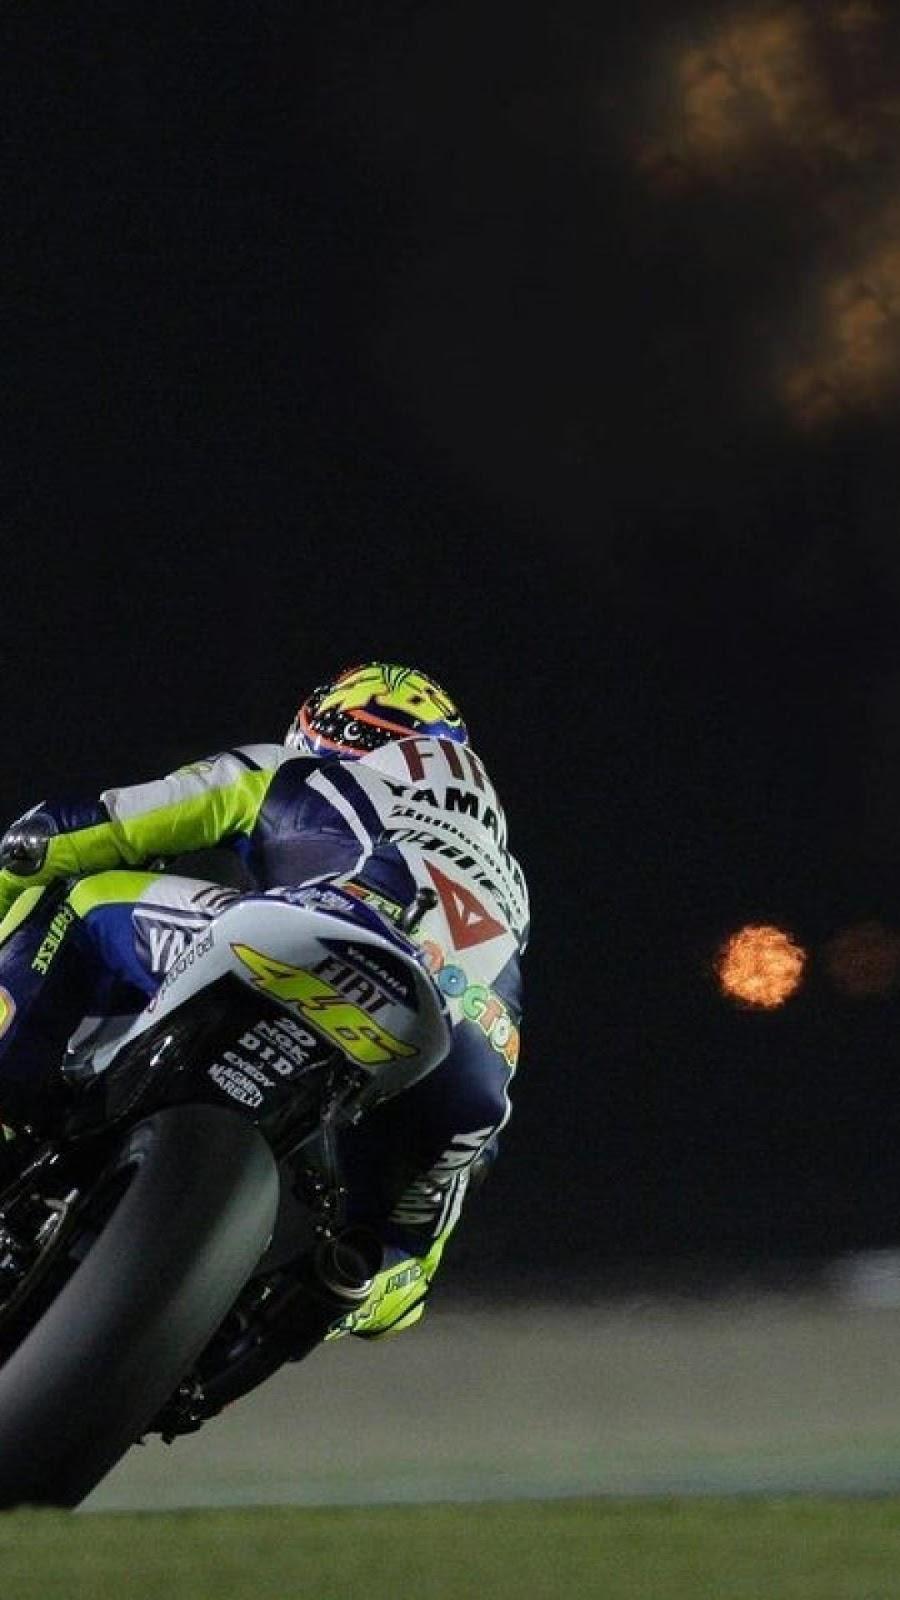 Hd Wallpaper Valentino Rossi Super Keren Gudangnya Gambar Dan Hd